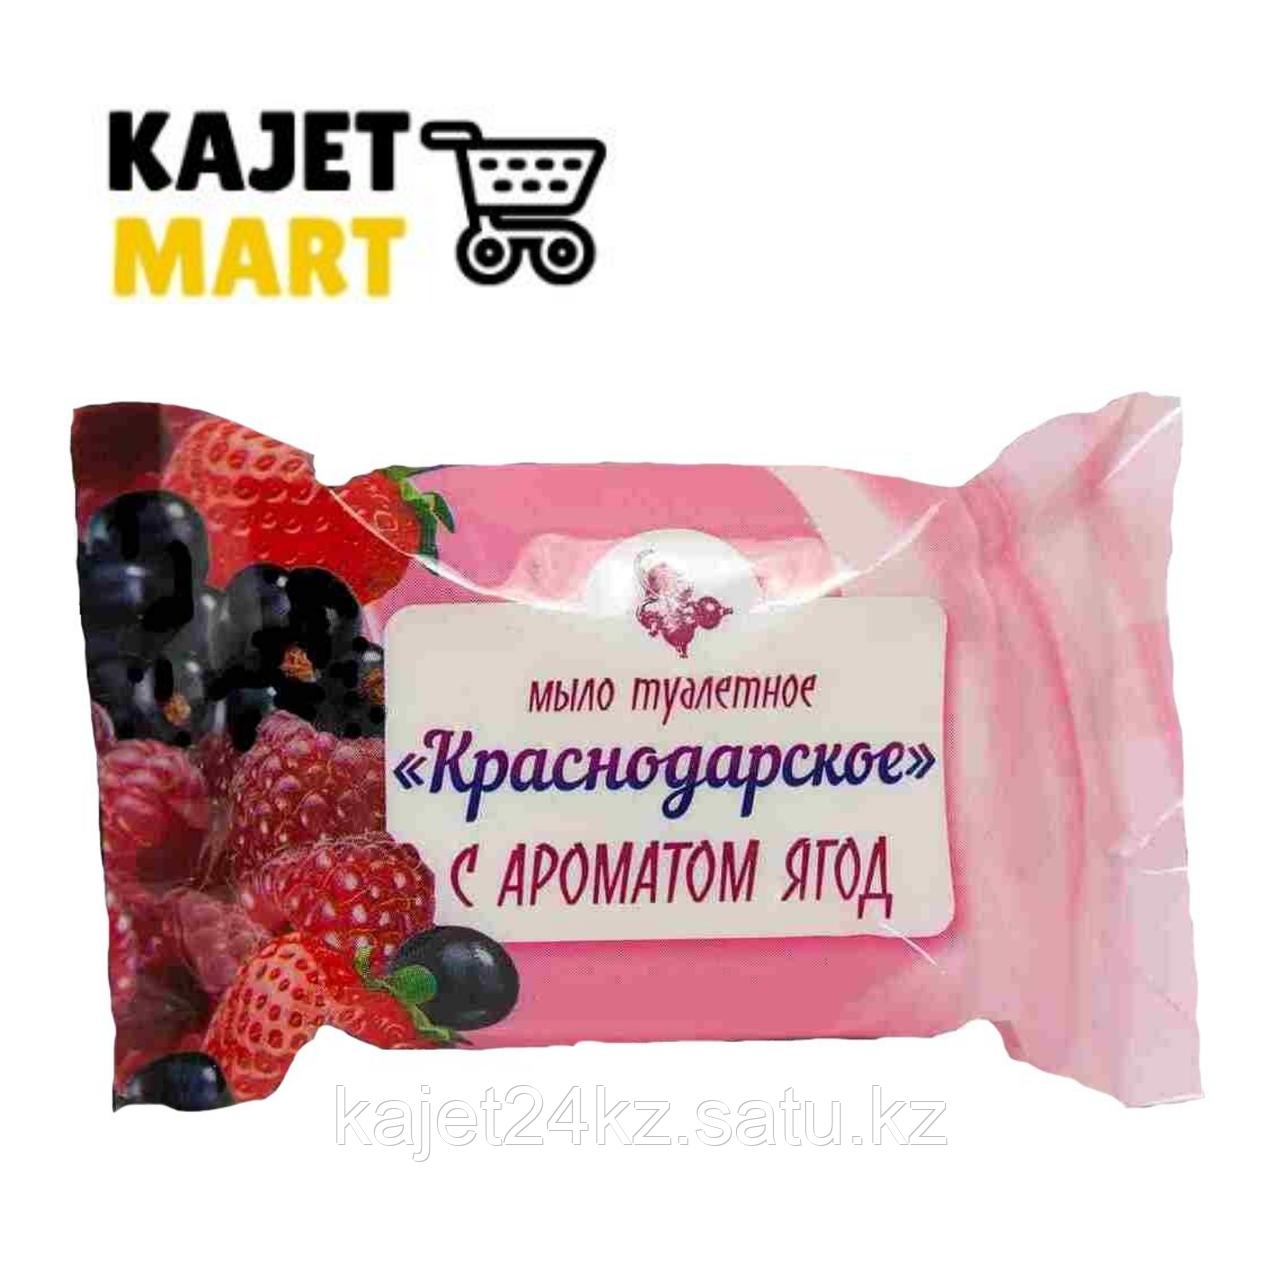 Мыло туалетное «Краснодарское» С АРОМАТОМ ЯГОД 100 гр